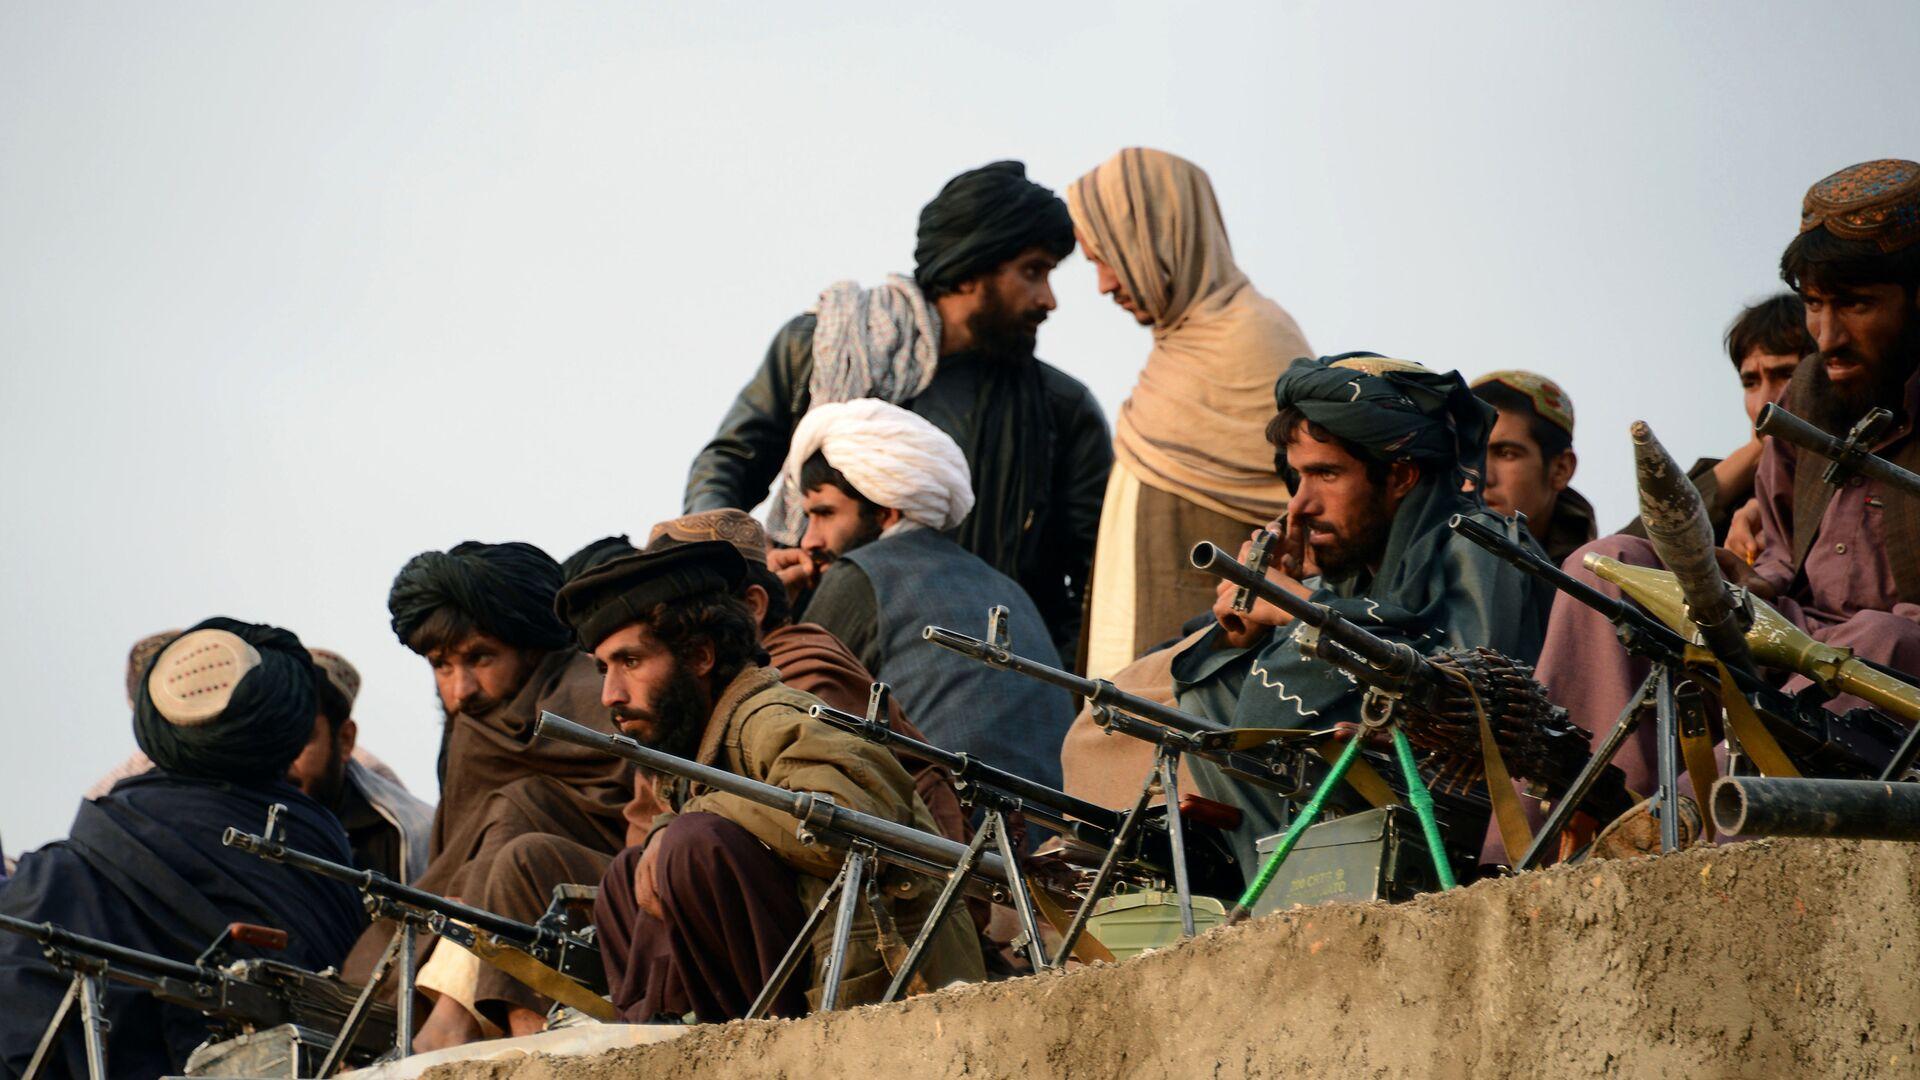 Combatientes de Talibán en Afganistán (archivo) - Sputnik Mundo, 1920, 31.07.2021